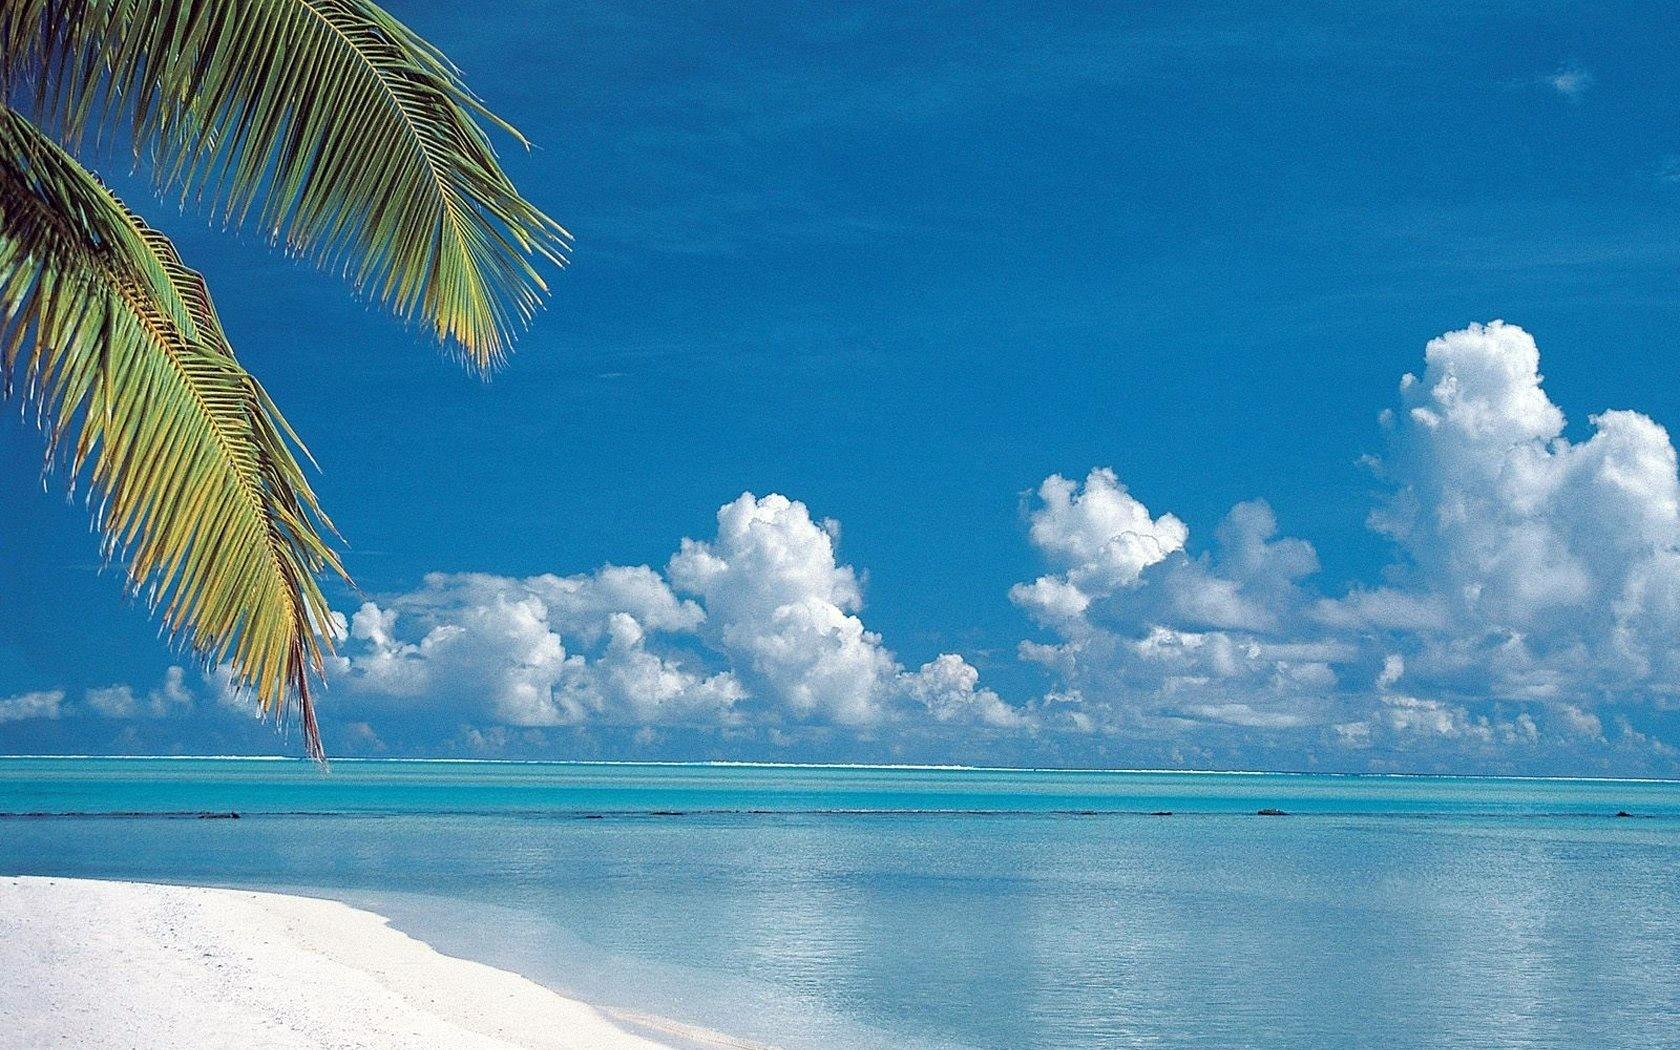 Meer blauer wellen wolken palmen sommer foto 1680x1050 sommer